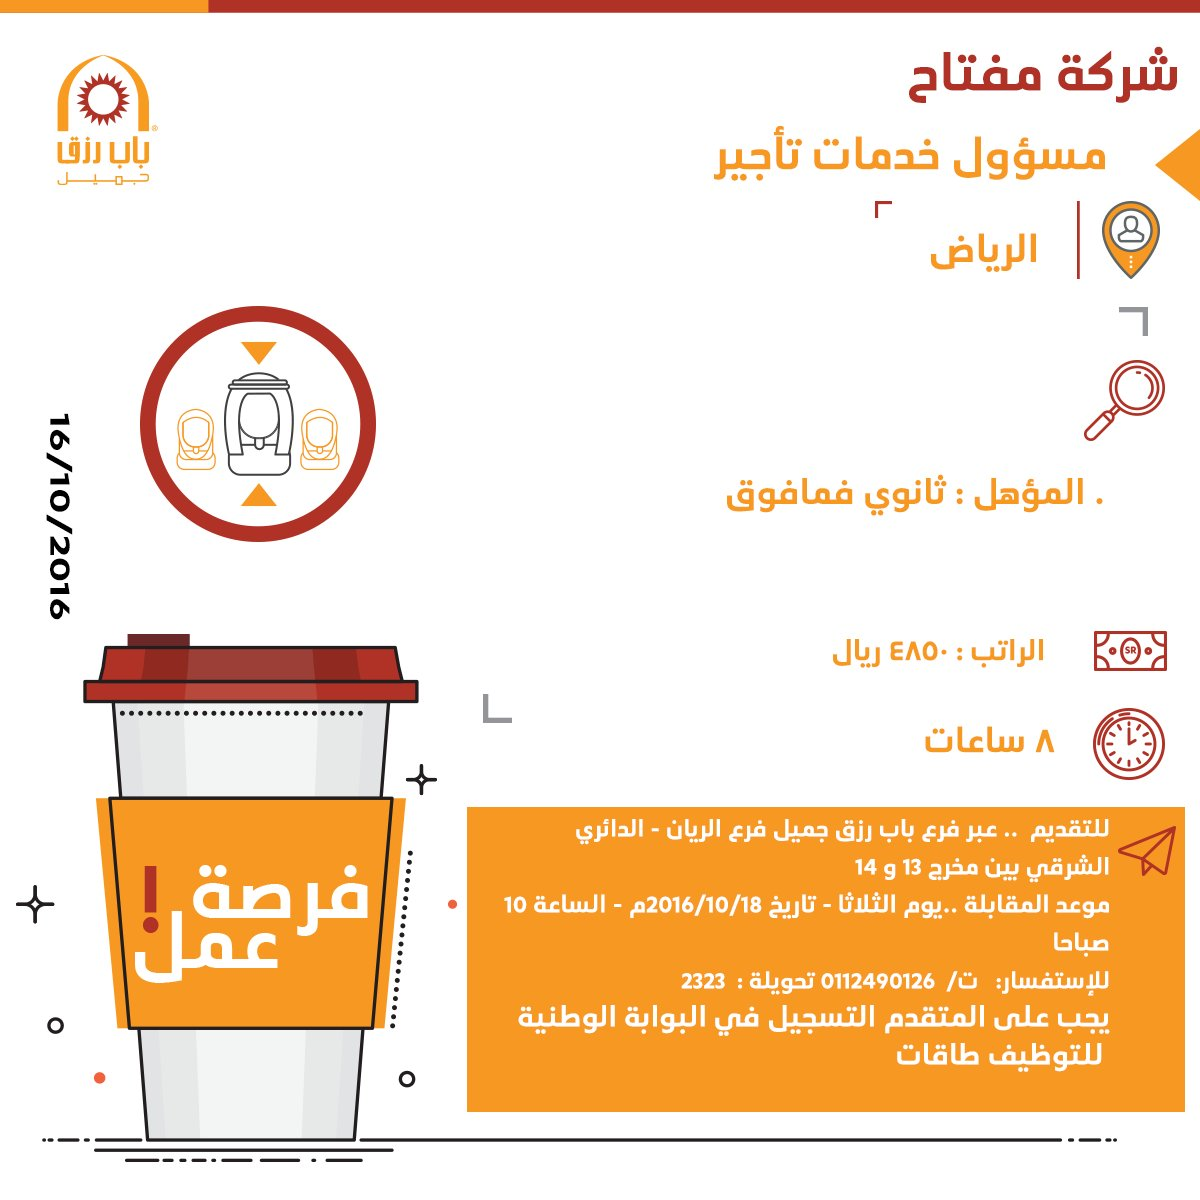 غدا الثلاثاء التقديم على وظيفة مسؤول خدمات تأجير في شركة مفتاح - الرياض